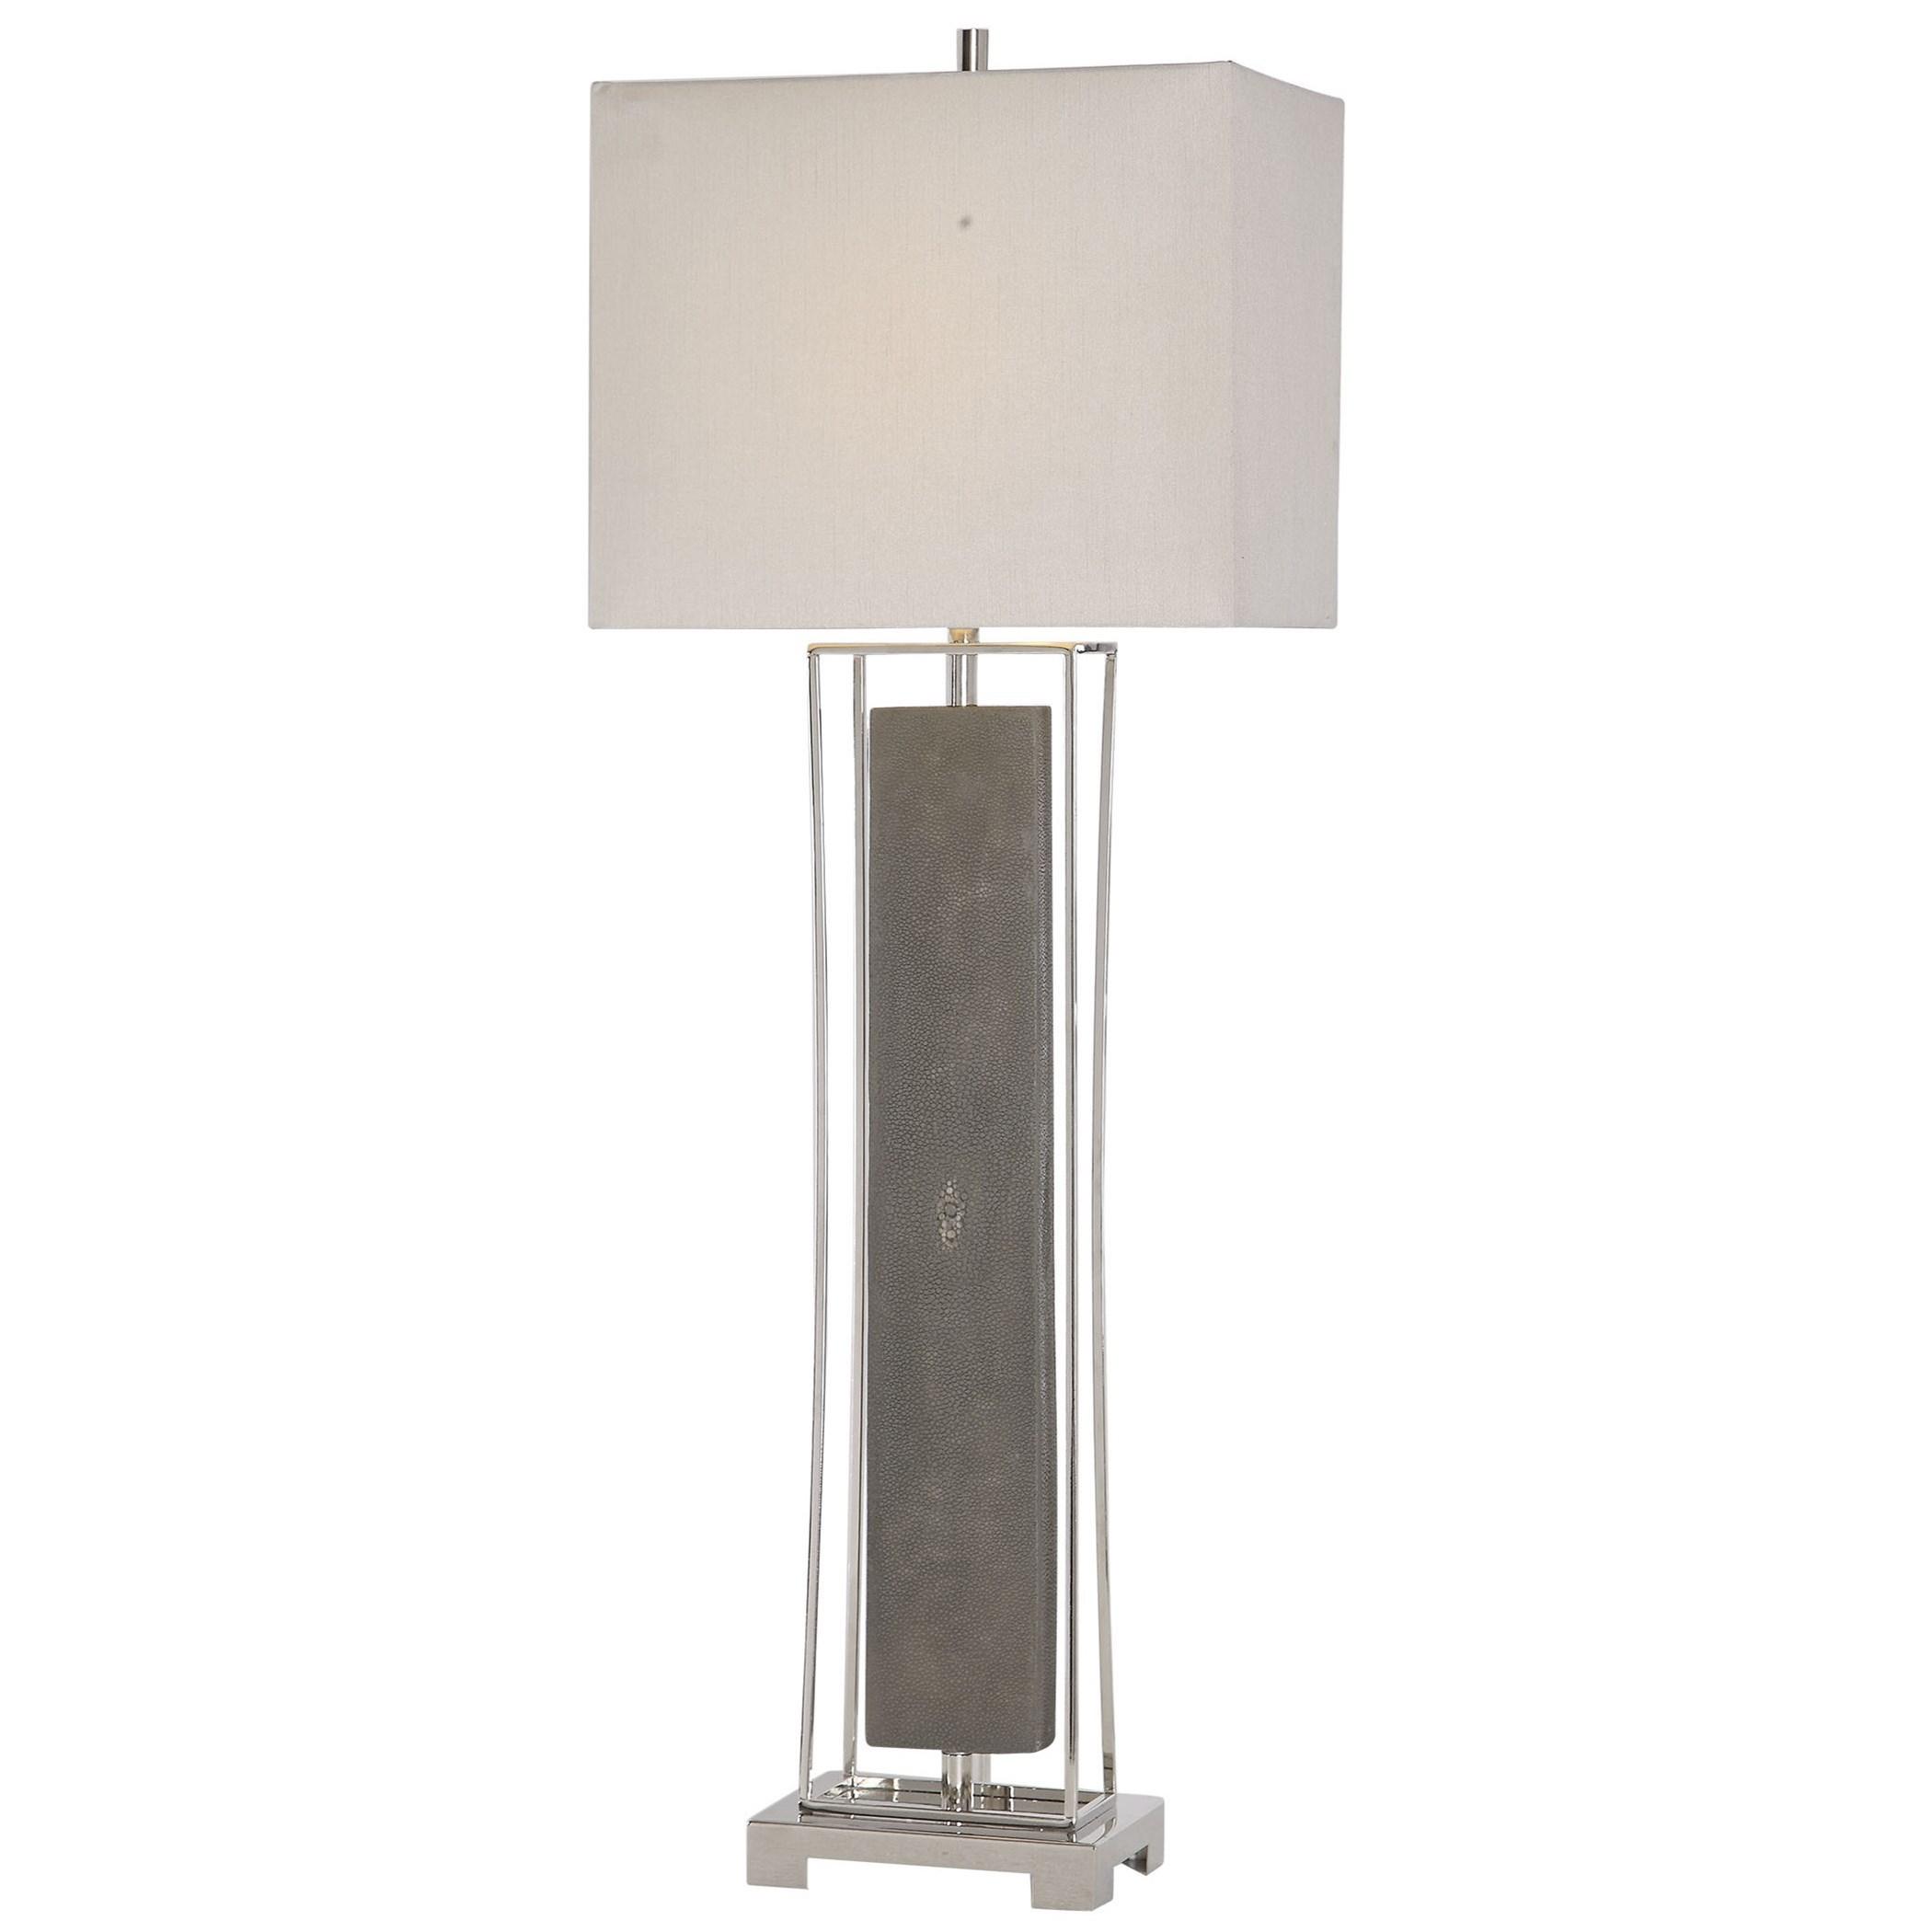 Buffet Lamps Sakana Gray Buffet Lamp by Uttermost at Mueller Furniture